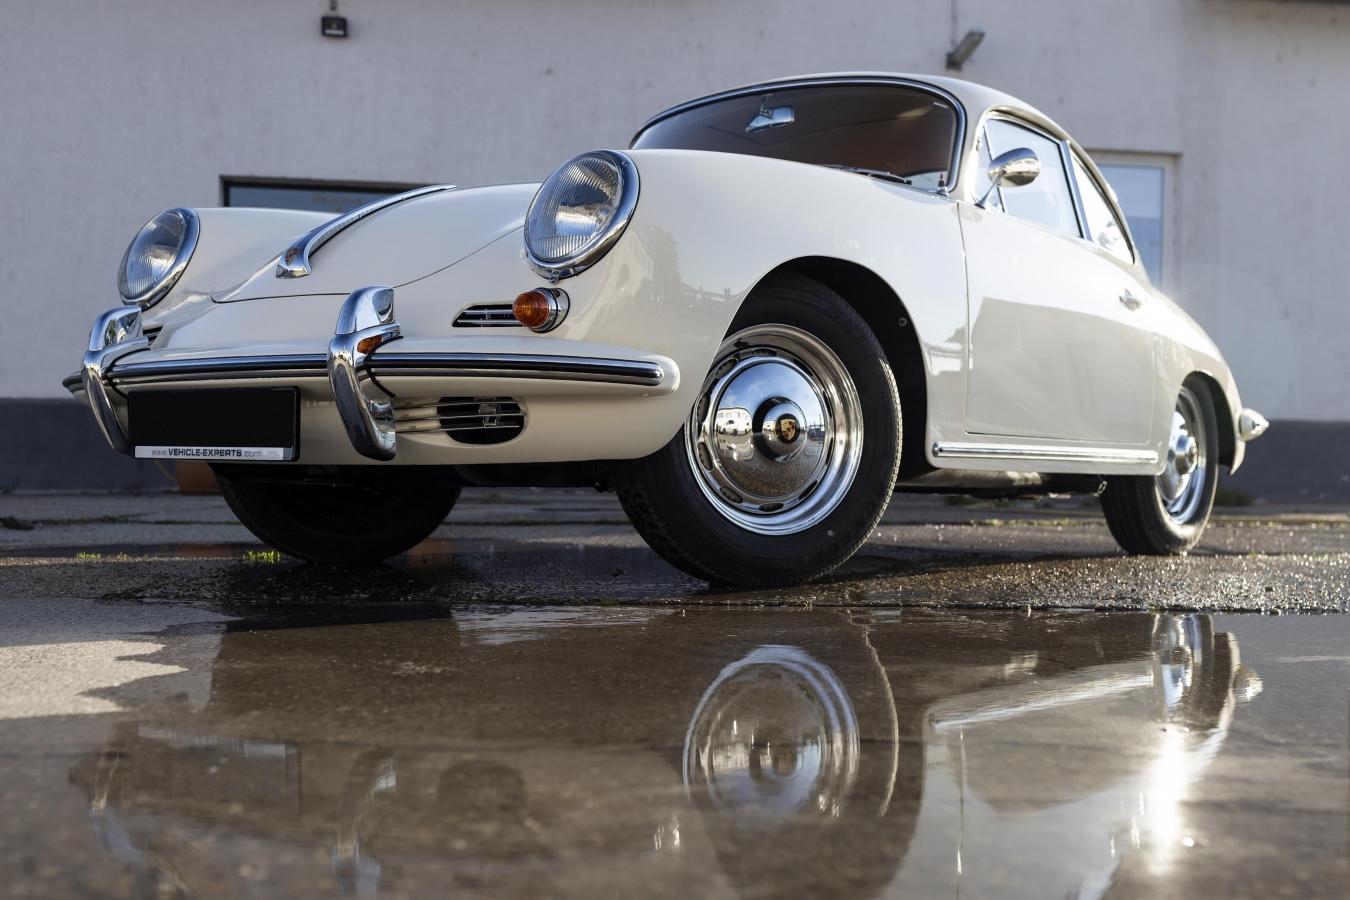 Porsche 356 B/1600 S T6 Coupé 1